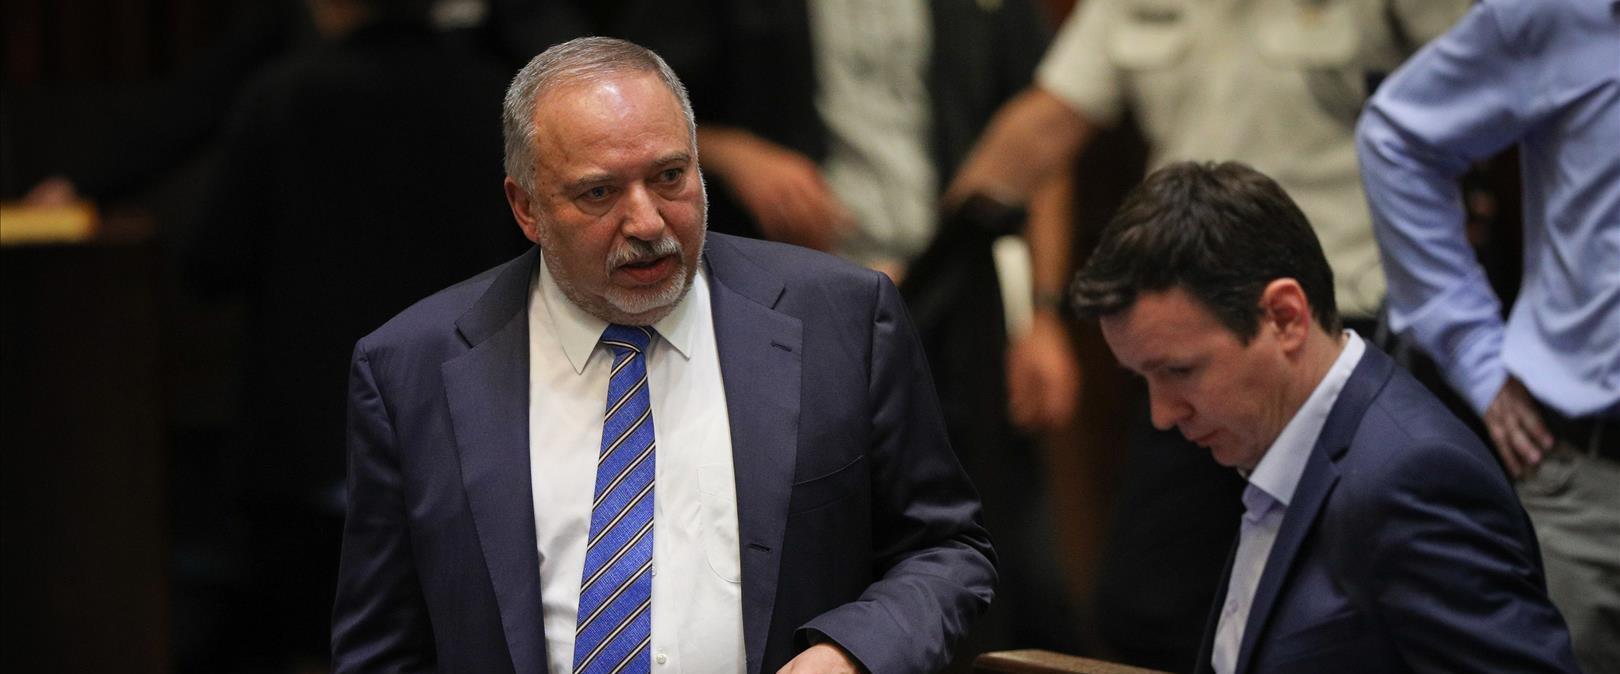 ליברמן בהצבעה על פיזור הכנסת